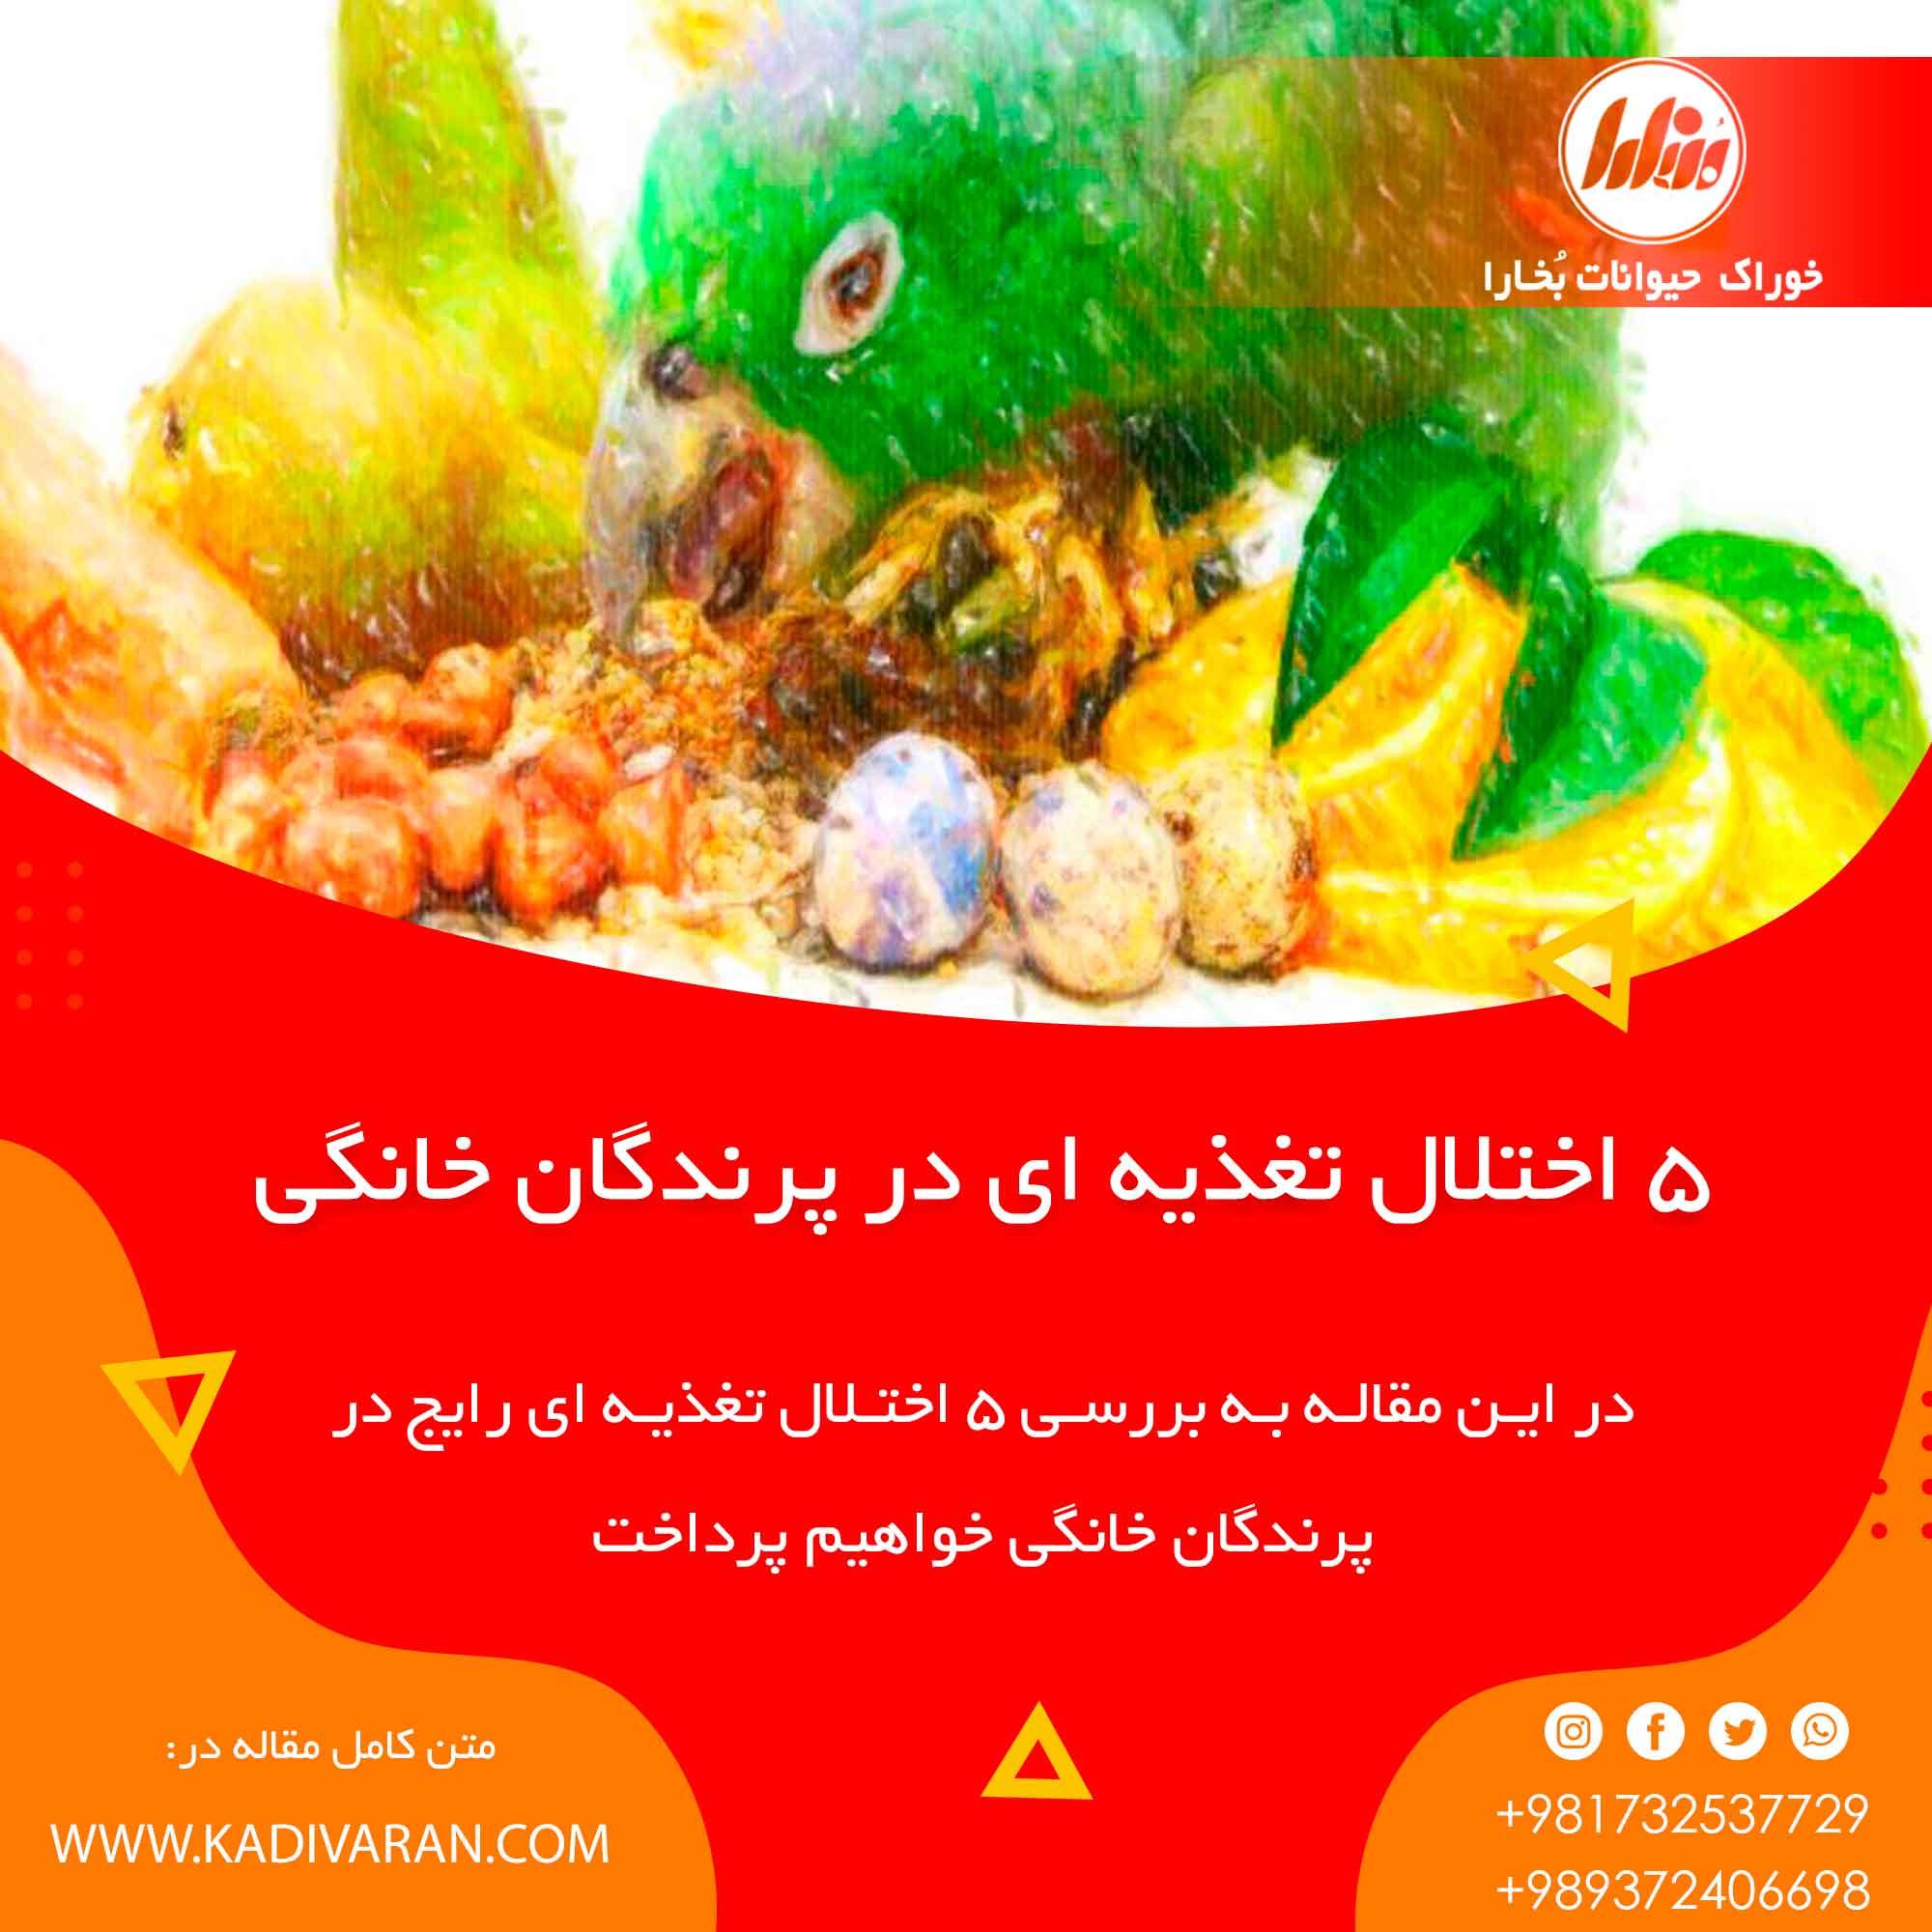 5 اختلال تغذیه ای رایج در پرندگان خانگی